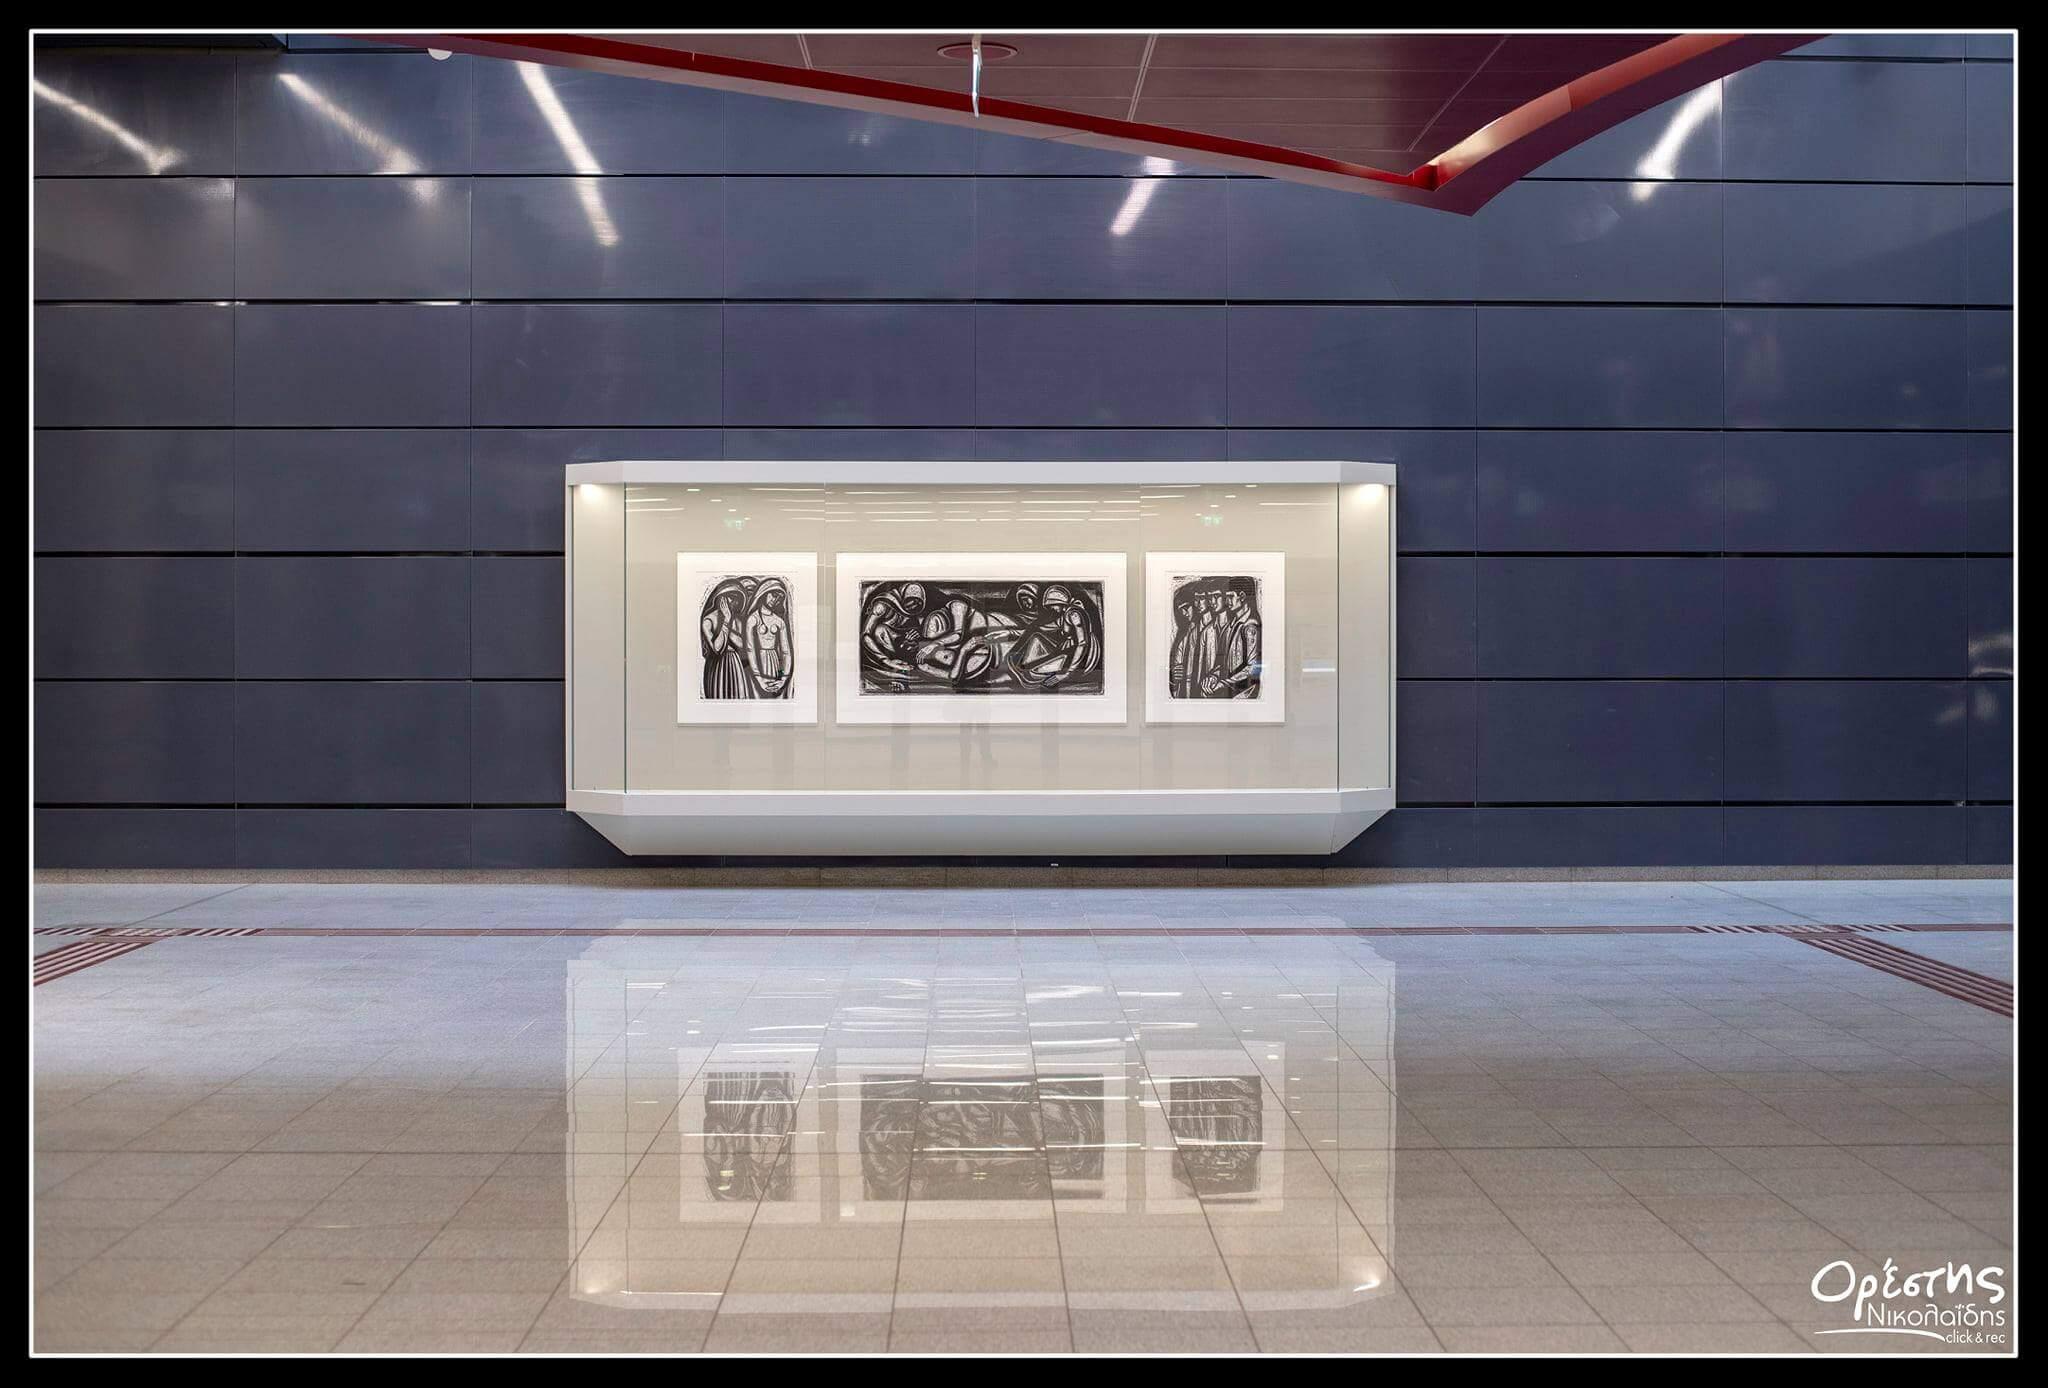 Ο «Επιτάφιος» του Α.Τάσσου στο σταθμό Μετρό της Νίκαιας